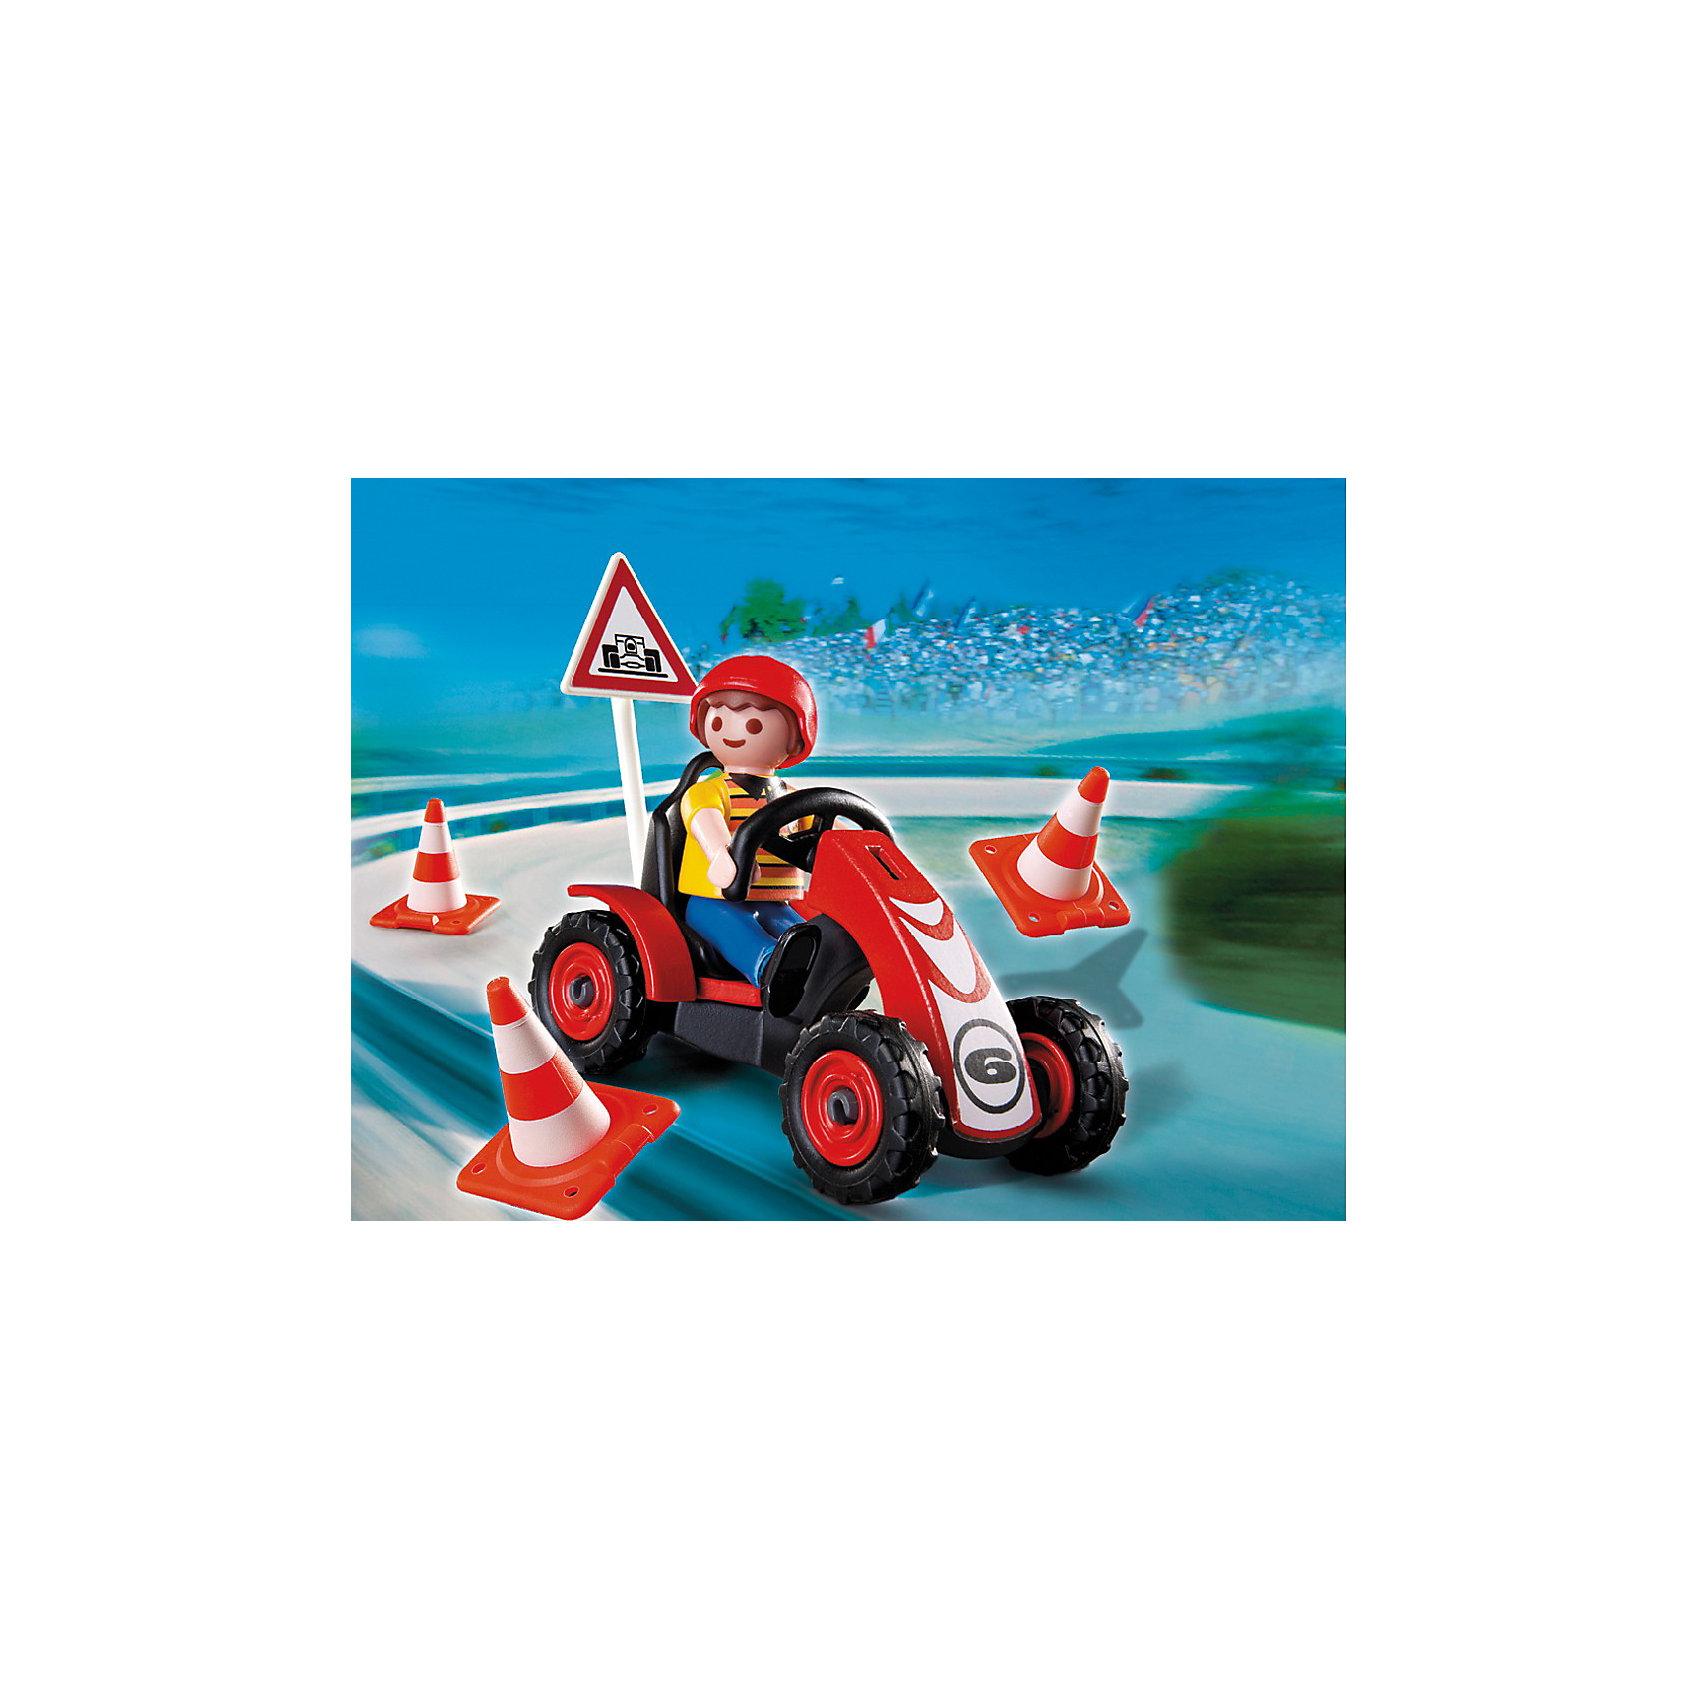 PLAYMOBIL 4759 Новые фигурки: Мальчик на гоночной машинке